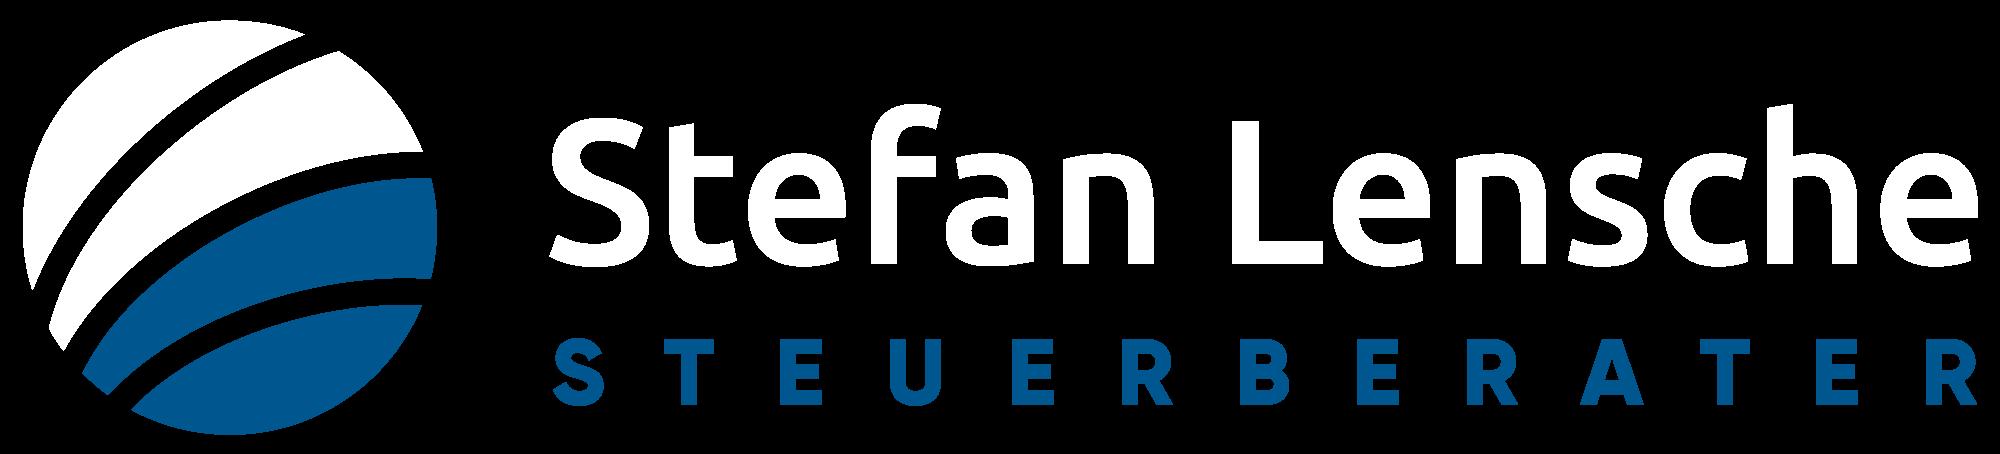 Logo Steuerberater Stefan Lensche